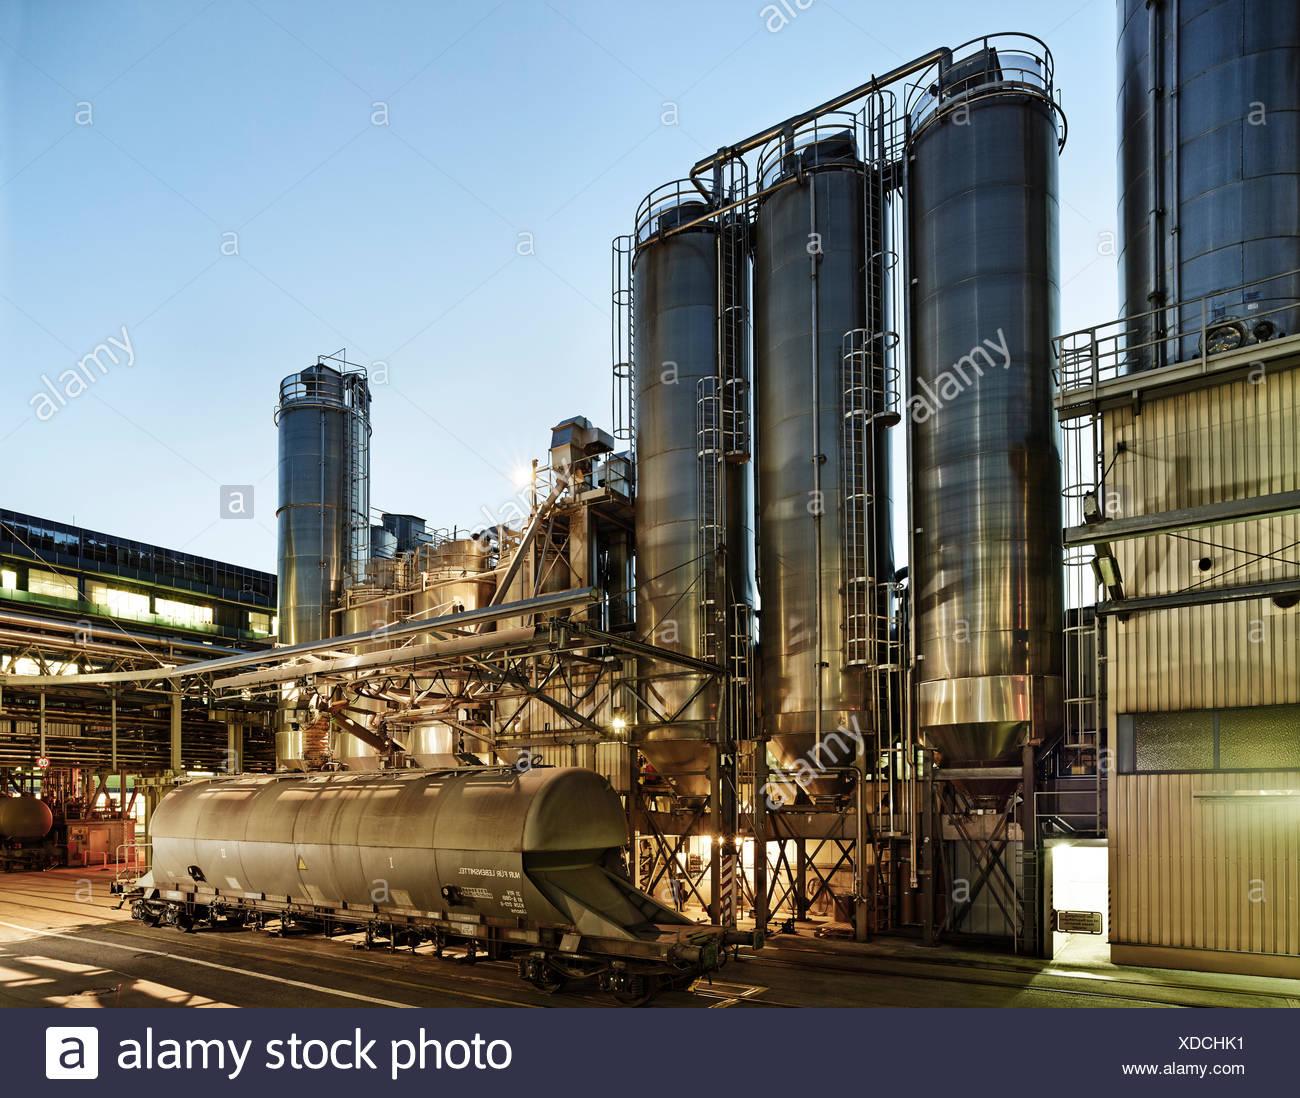 Industrieanlage, Produktionsstätte, Pharmaindustrie, Kundl, Tirol, Österreich Stockbild